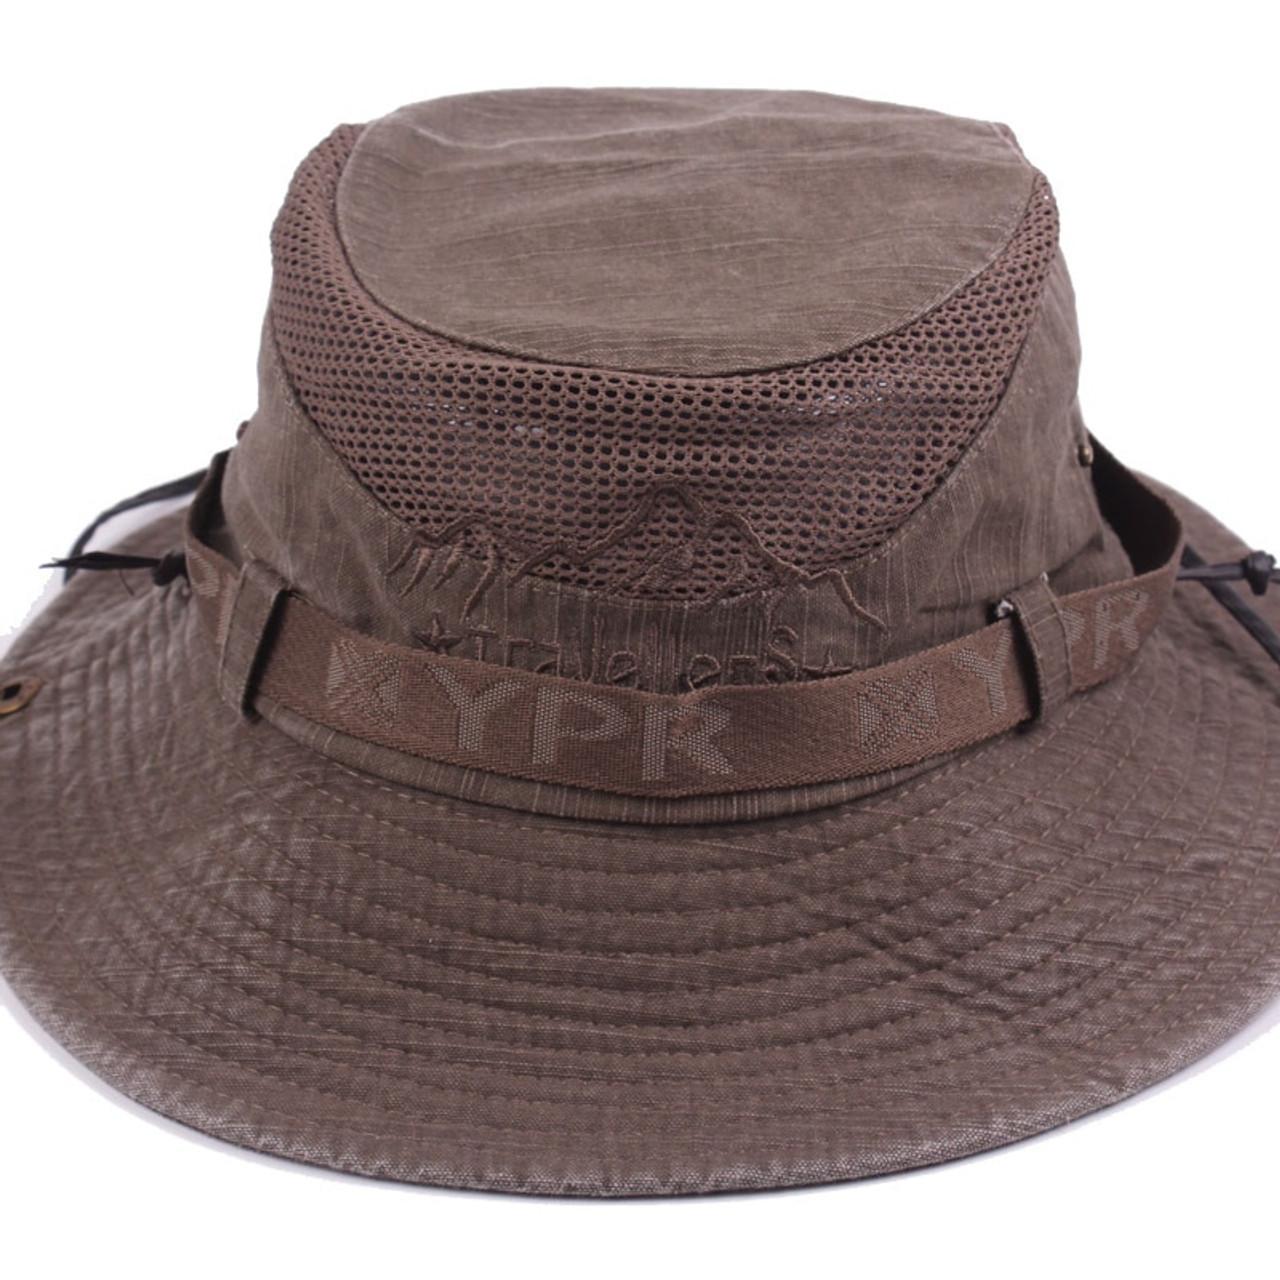 c015977d31b ... GEERSIDAN New Cotton Summer Spring men s Bucket Hats big Wide Brim  fishing hats for men women ...